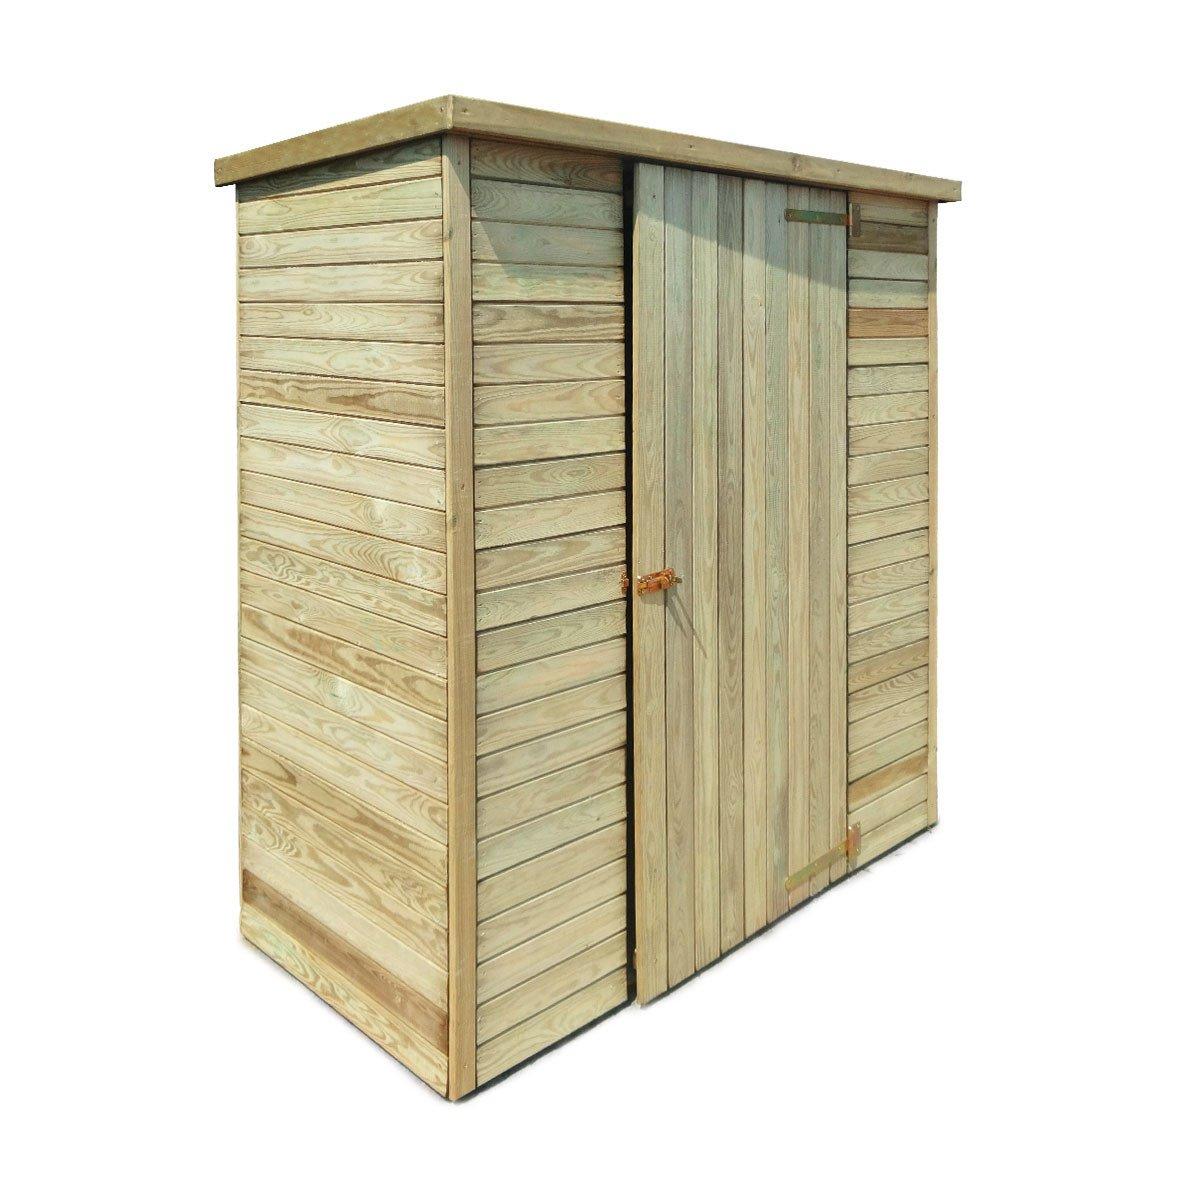 Abri De Jardin En Bois Marie 0.92 M² - Achat/vente D'abris ... à Abris De Jardin En Bois Pas Cher